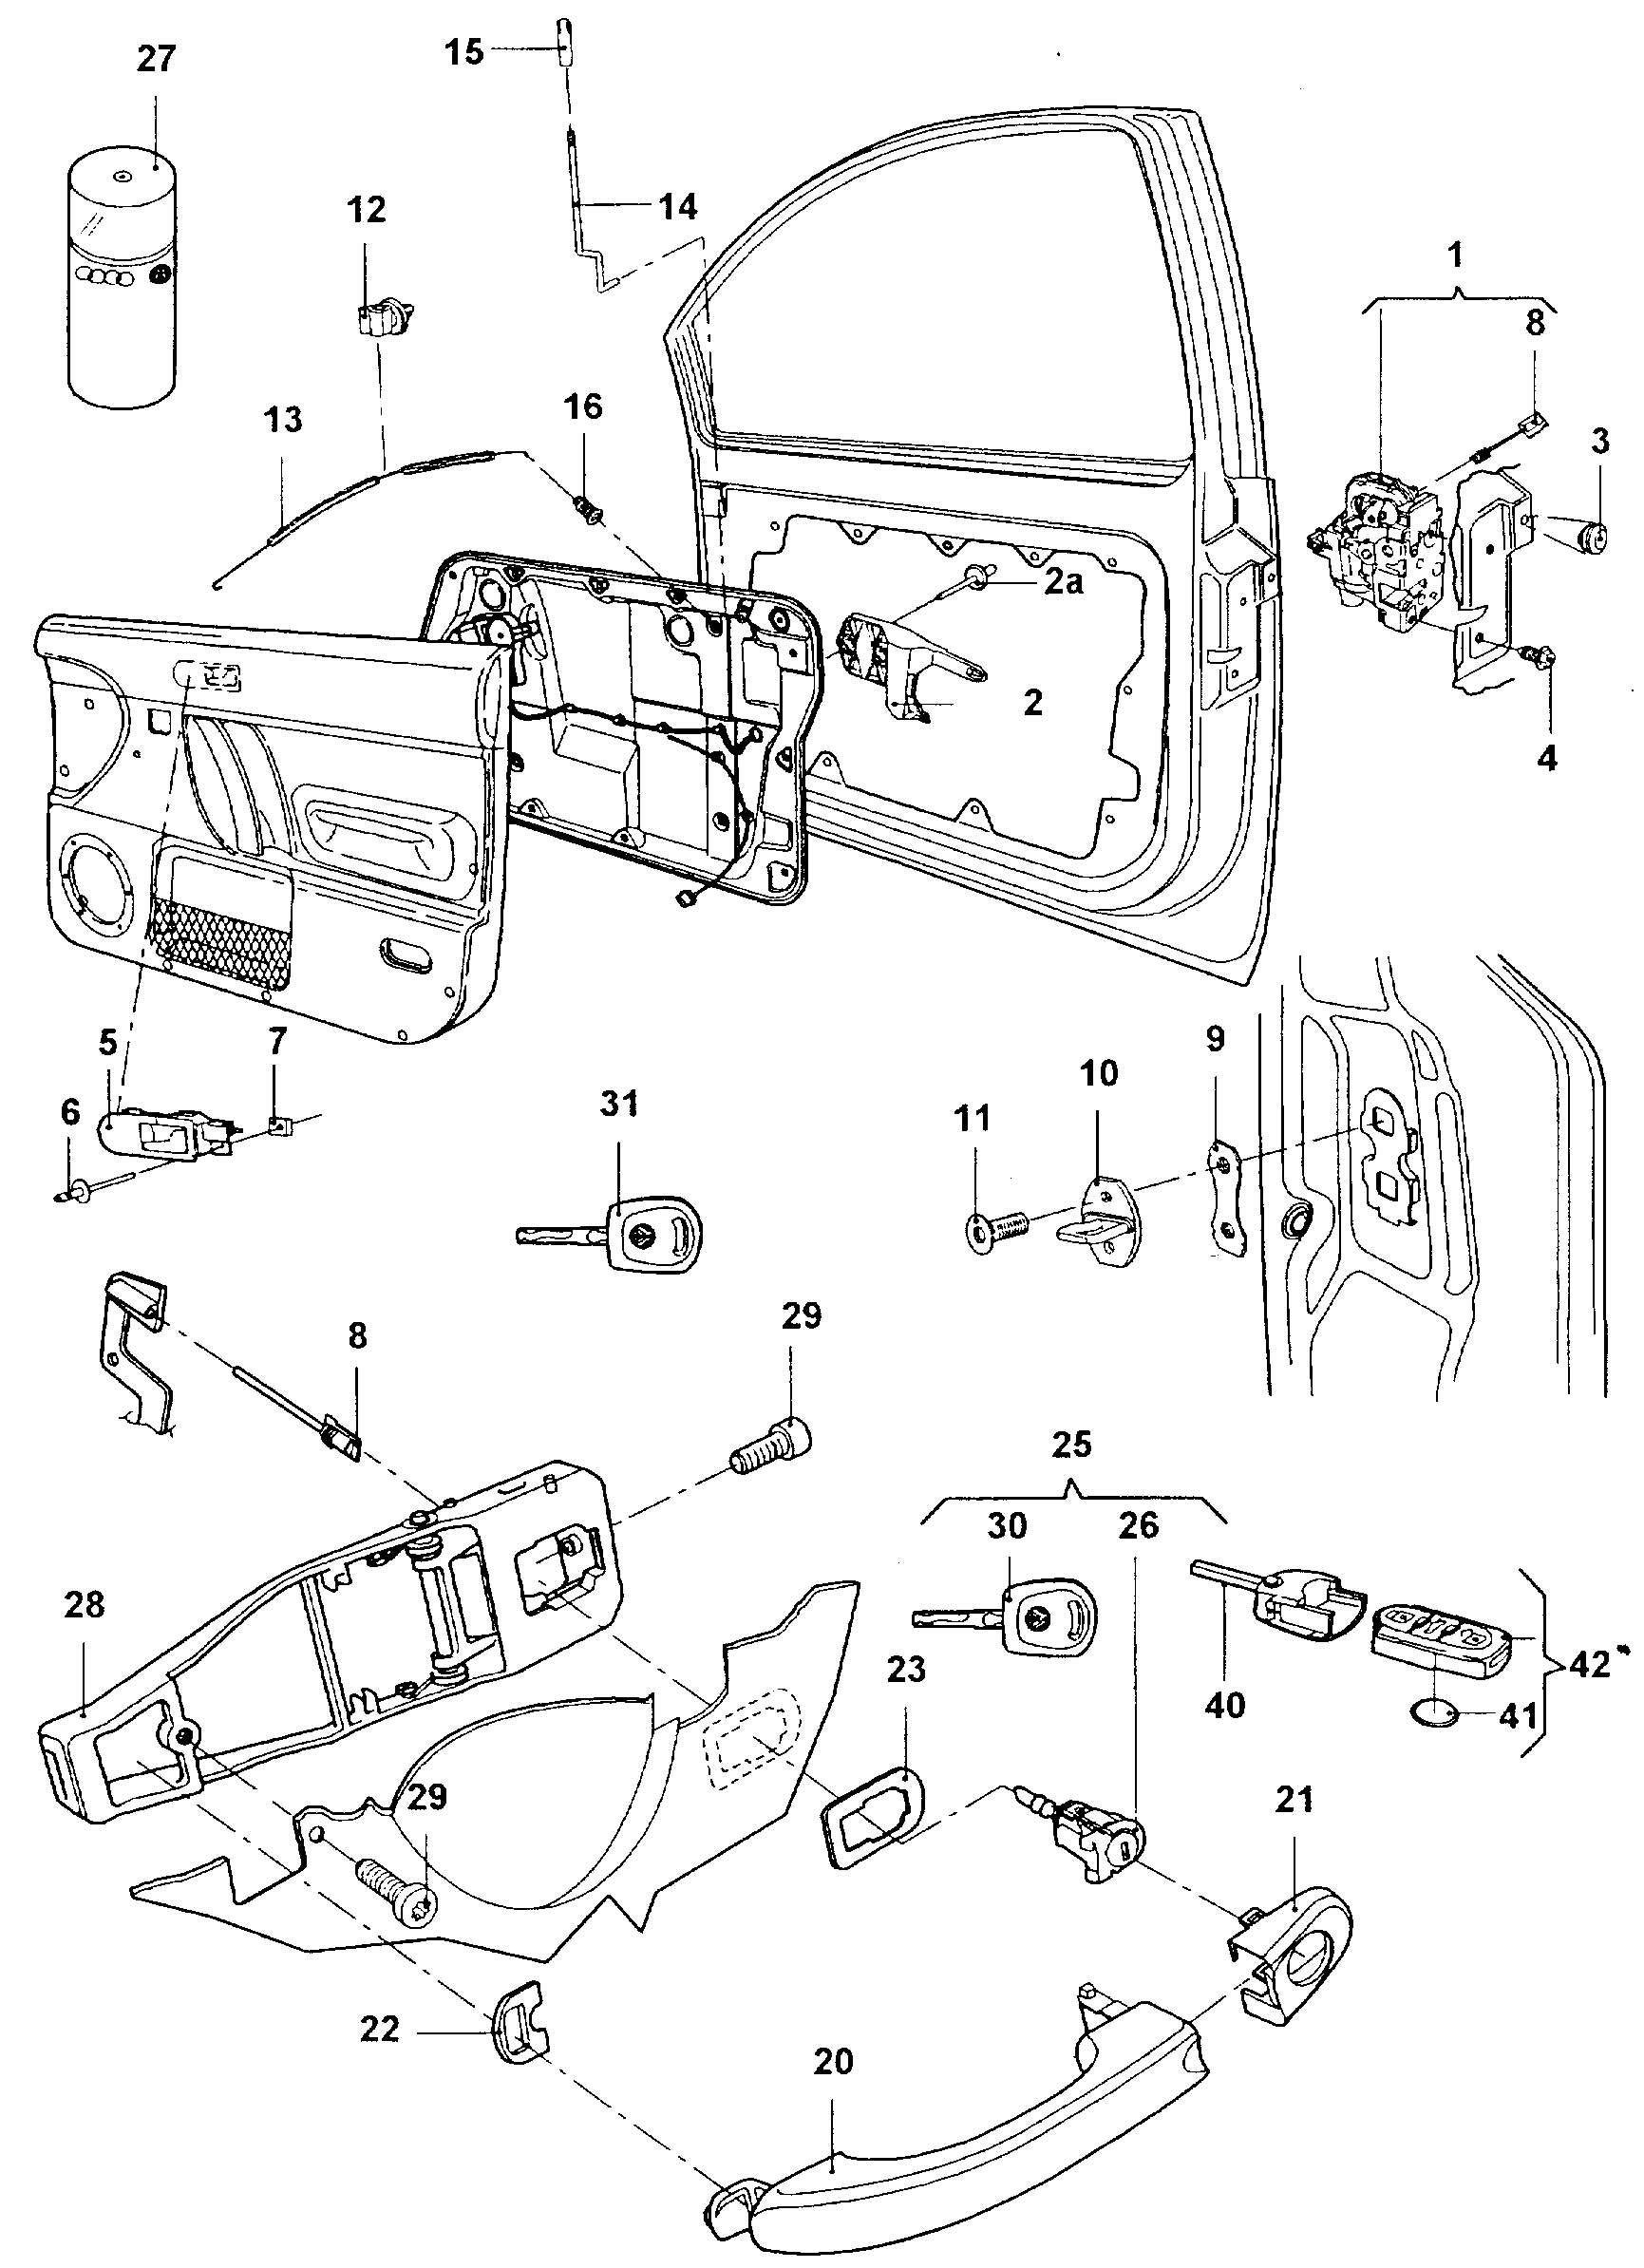 26 2001 Vw Beetle Parts Diagram